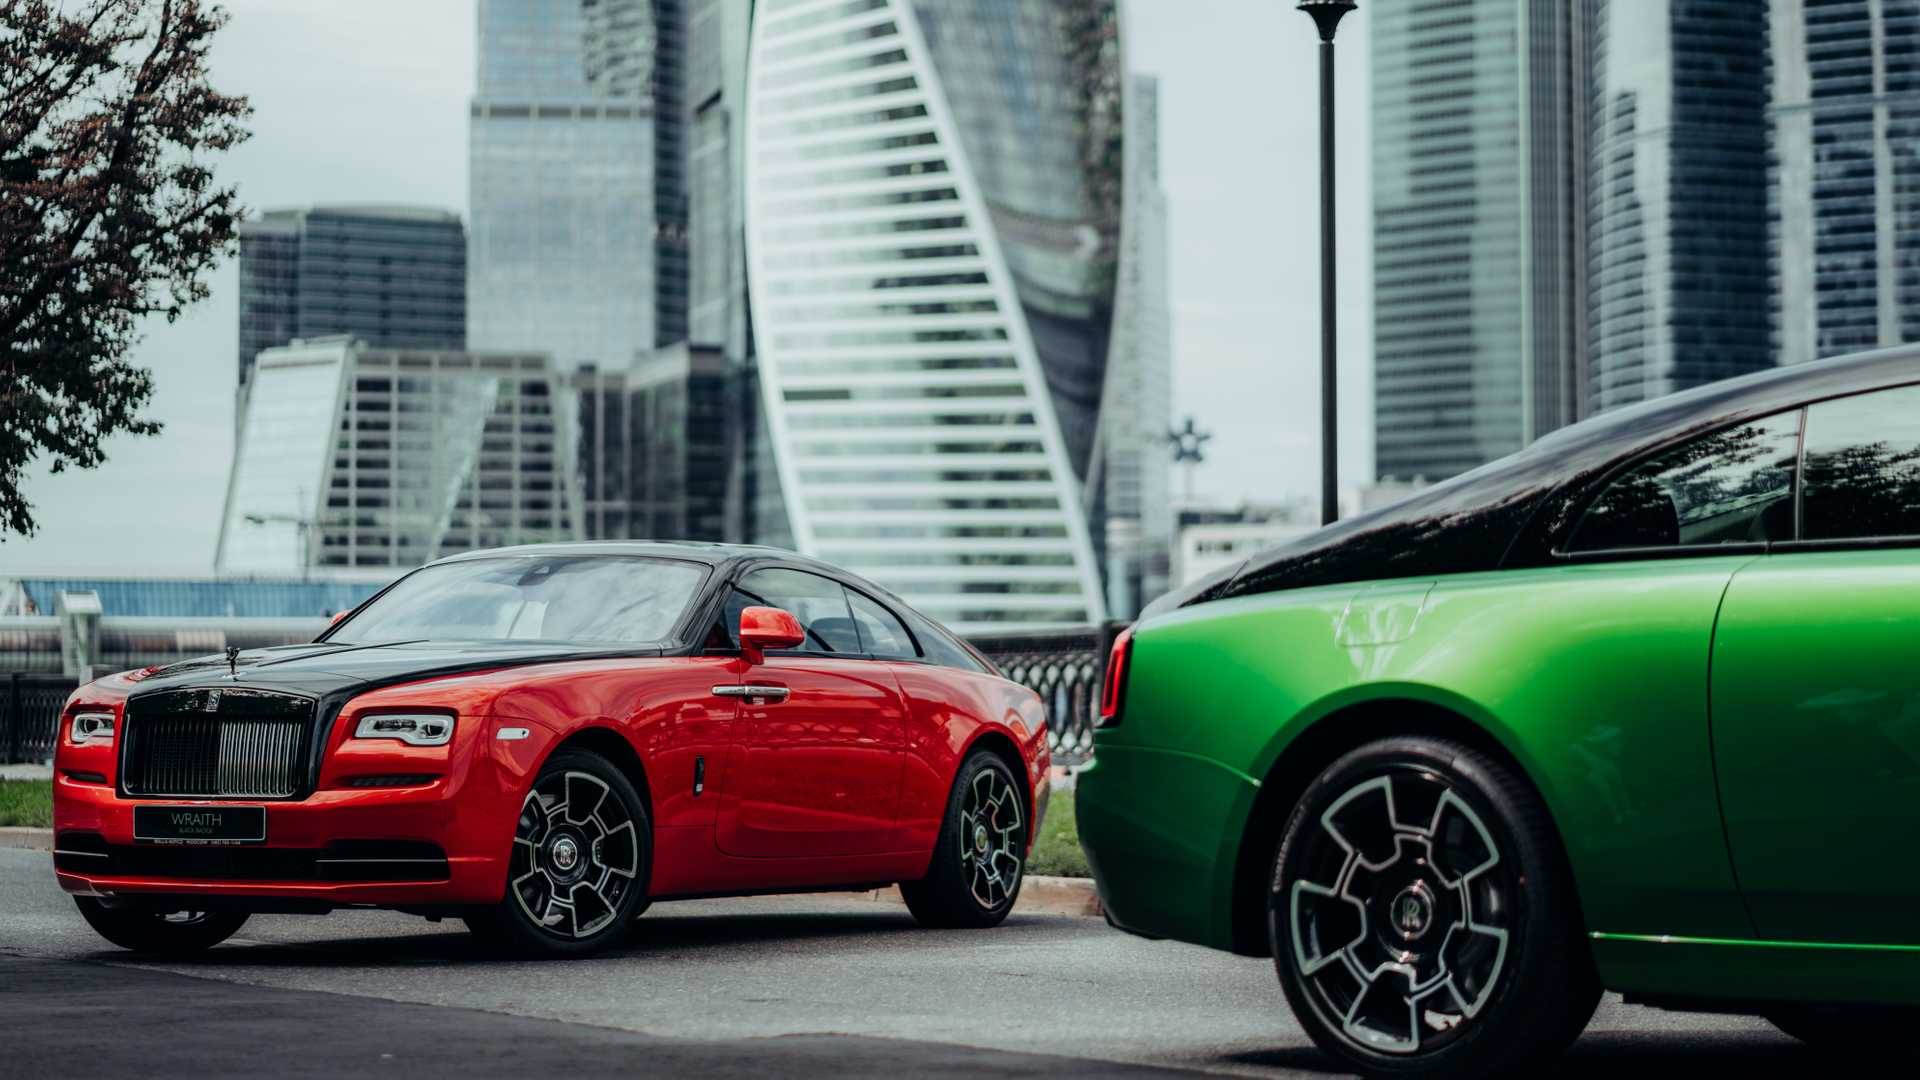 نتيجة بحث الصور عن Rolls-Royce Wraith Black and Bright